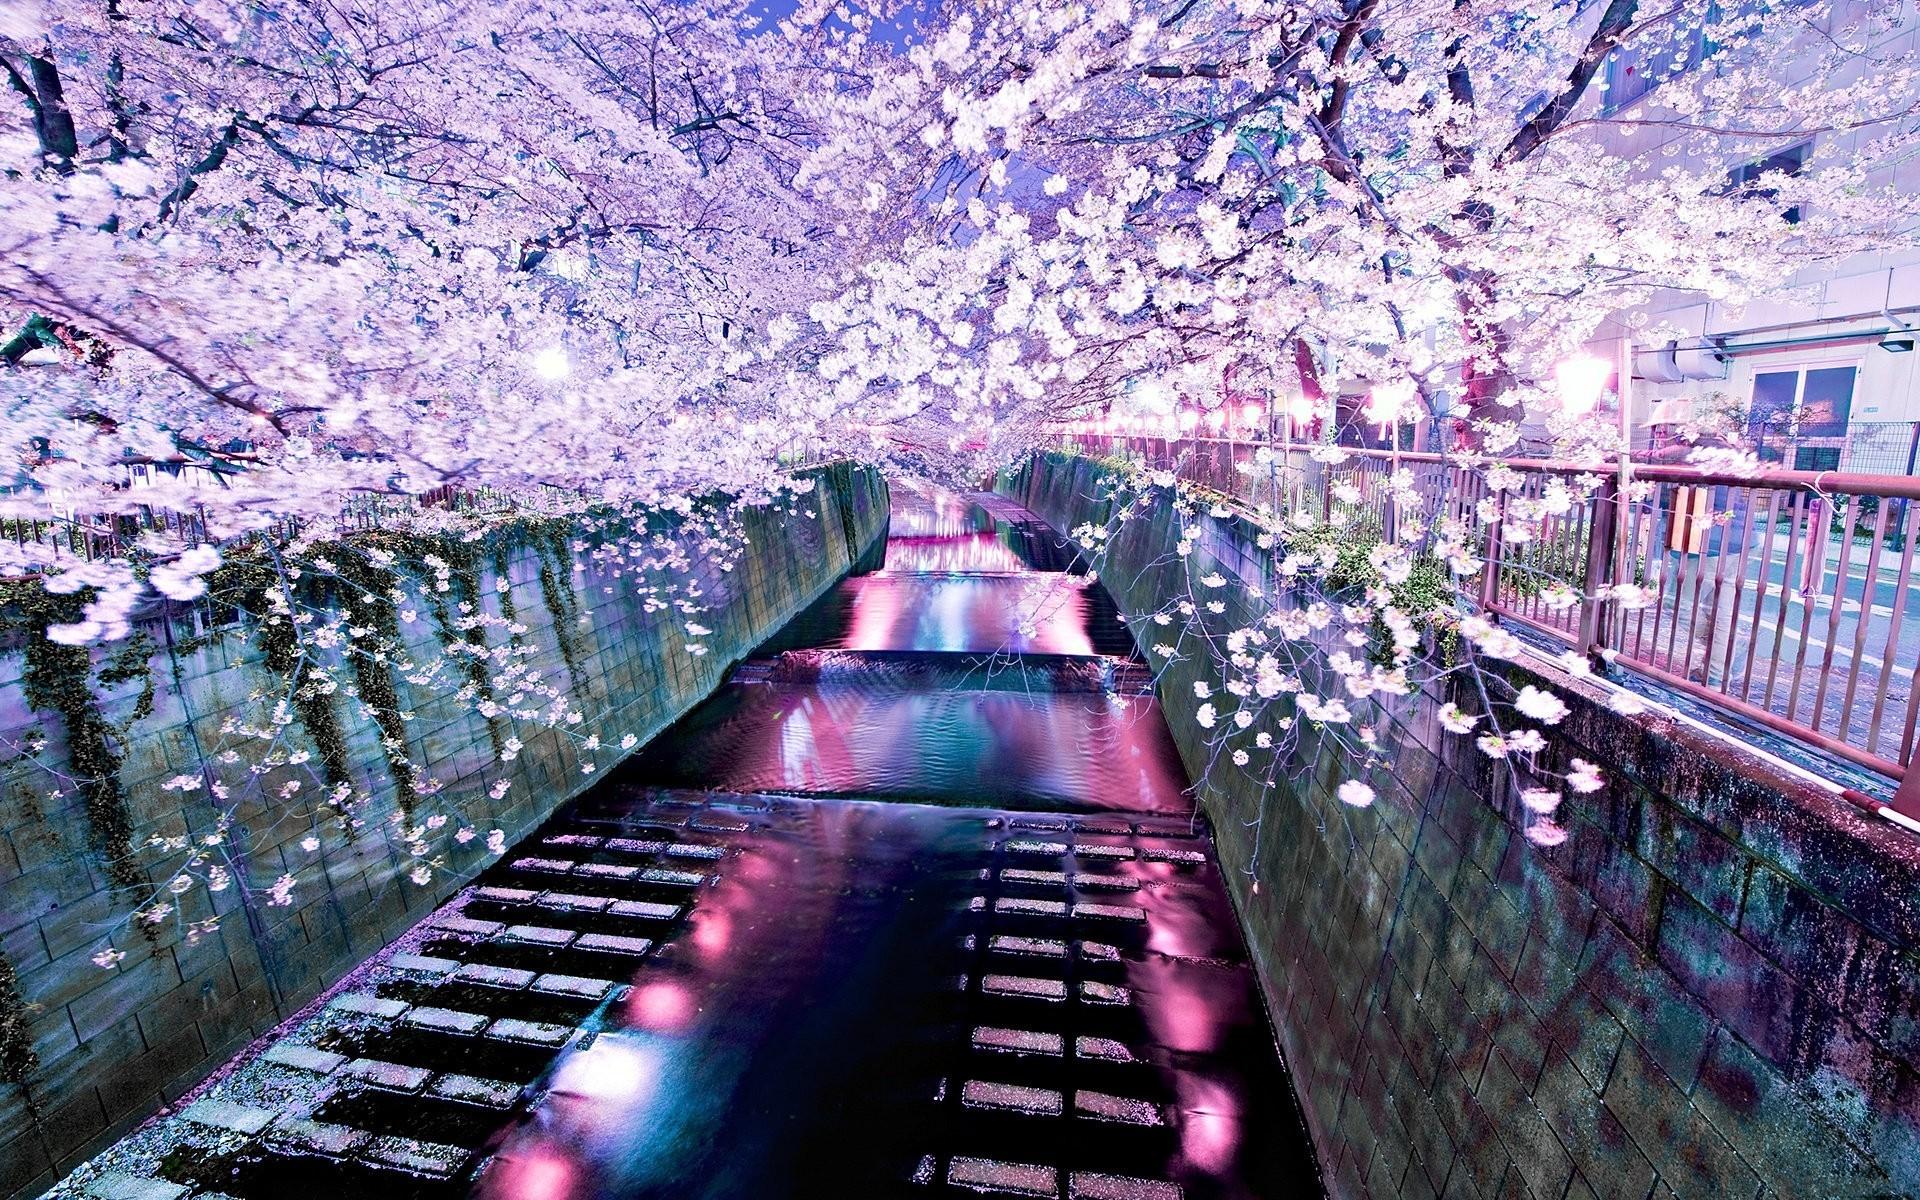 20338 Заставки и Обои Сакура на телефон. Скачать Сакура, Пейзаж, Река, Азия картинки бесплатно